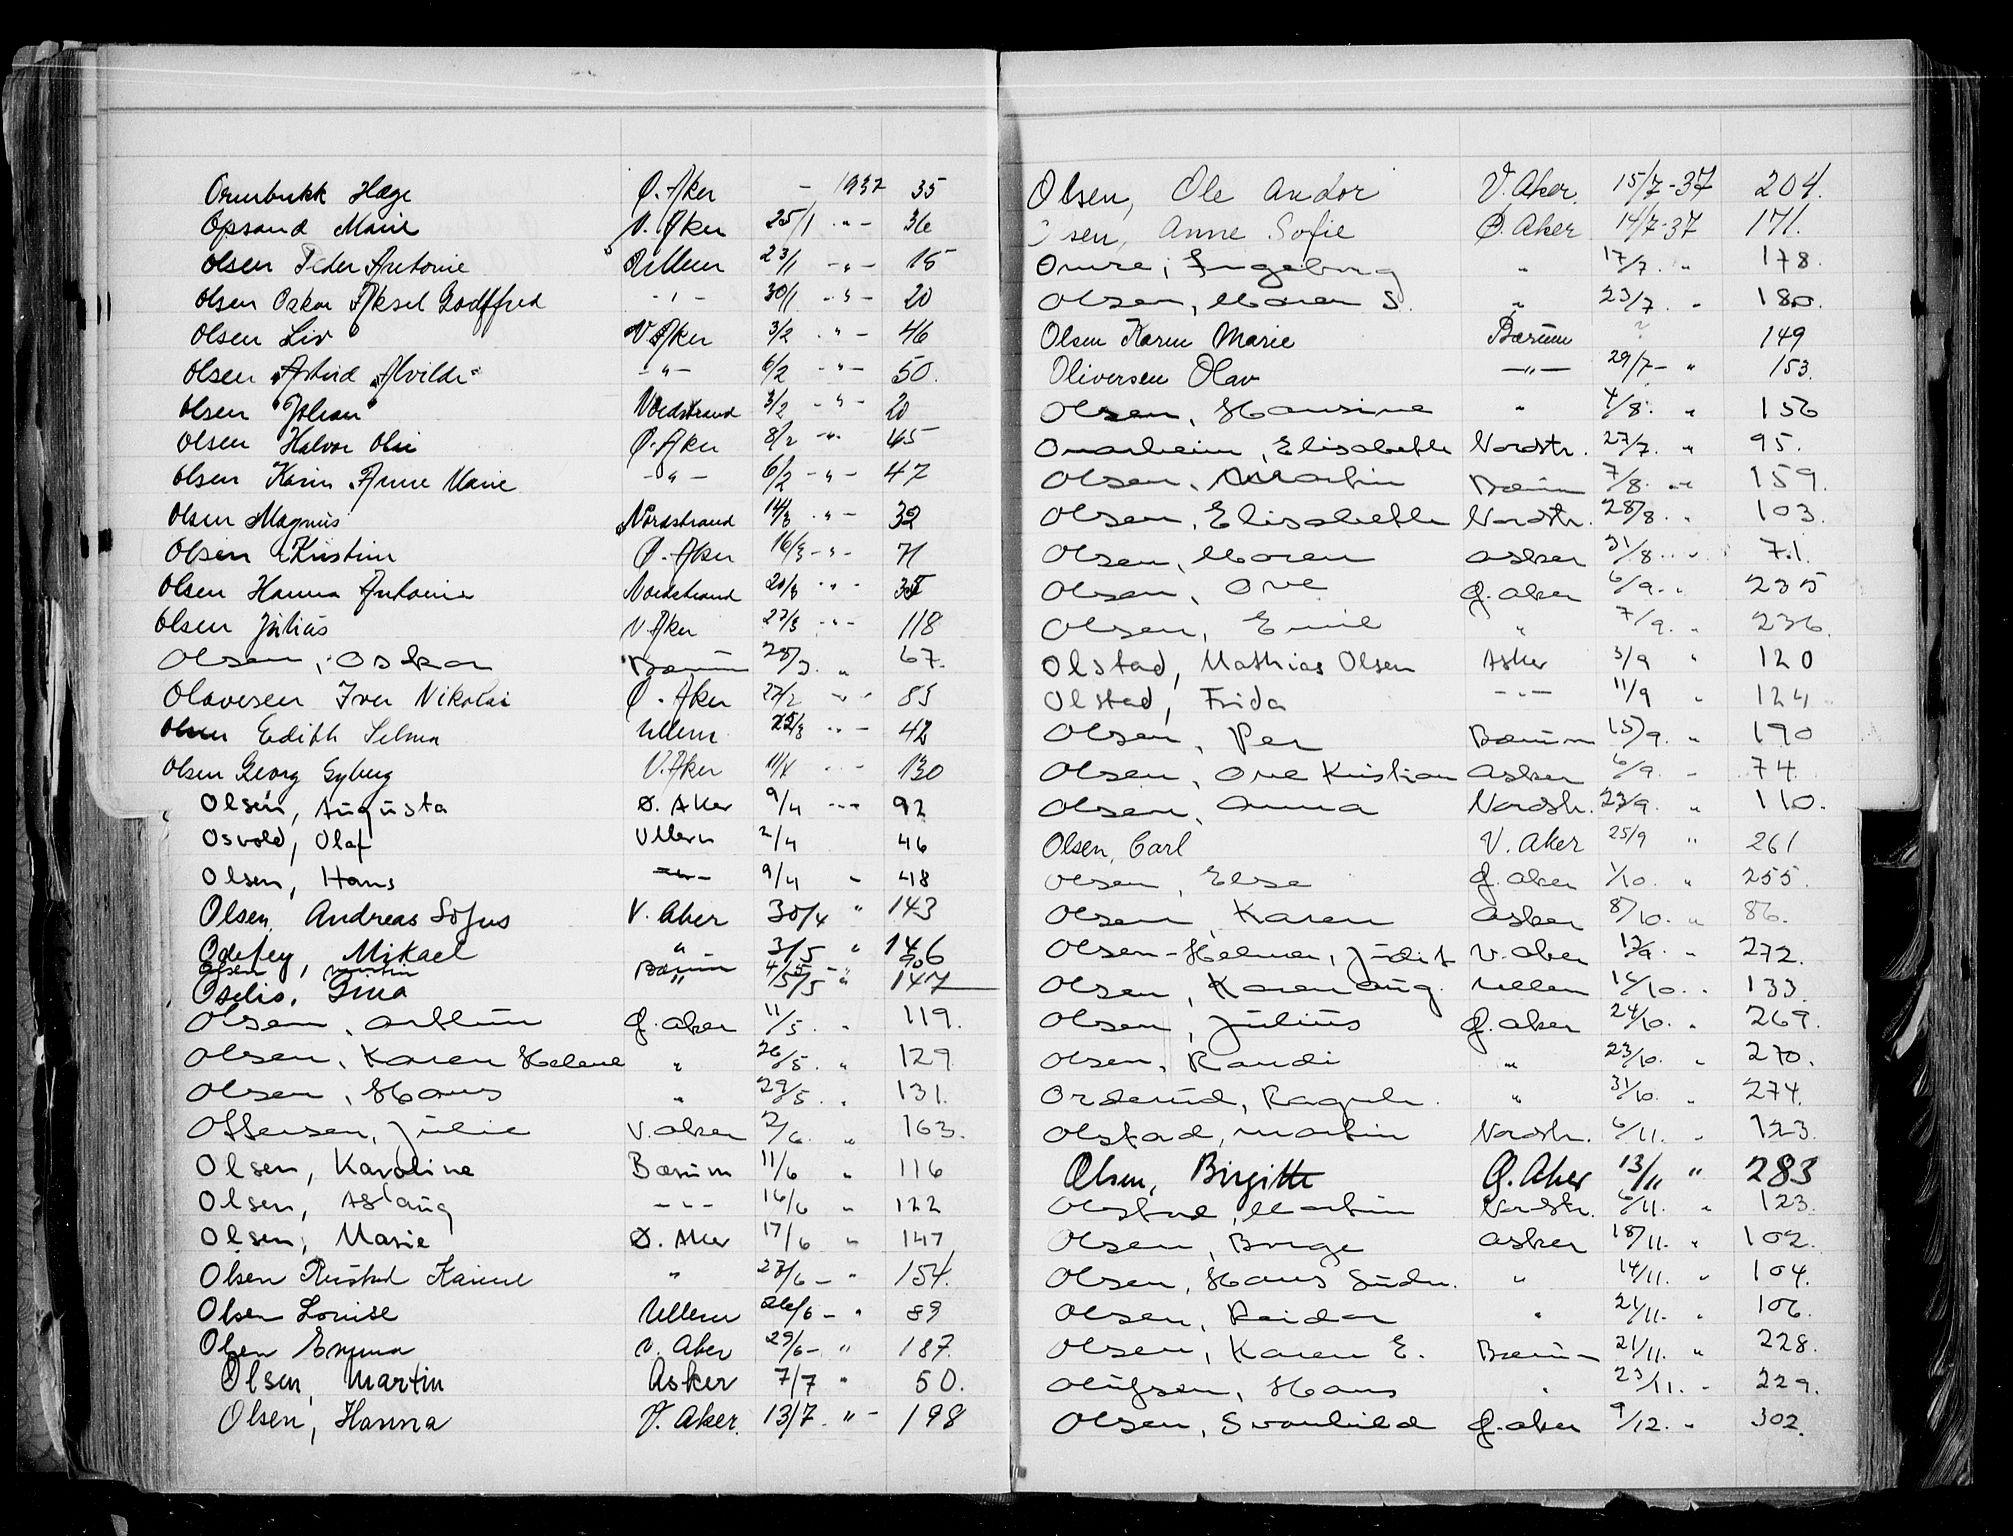 SAO, Aker kriminaldommer, skifte- og auksjonsforvalterembete, H/Ha/Haa/L0003: Register til dødsfallsprotokoll, 1930-1941